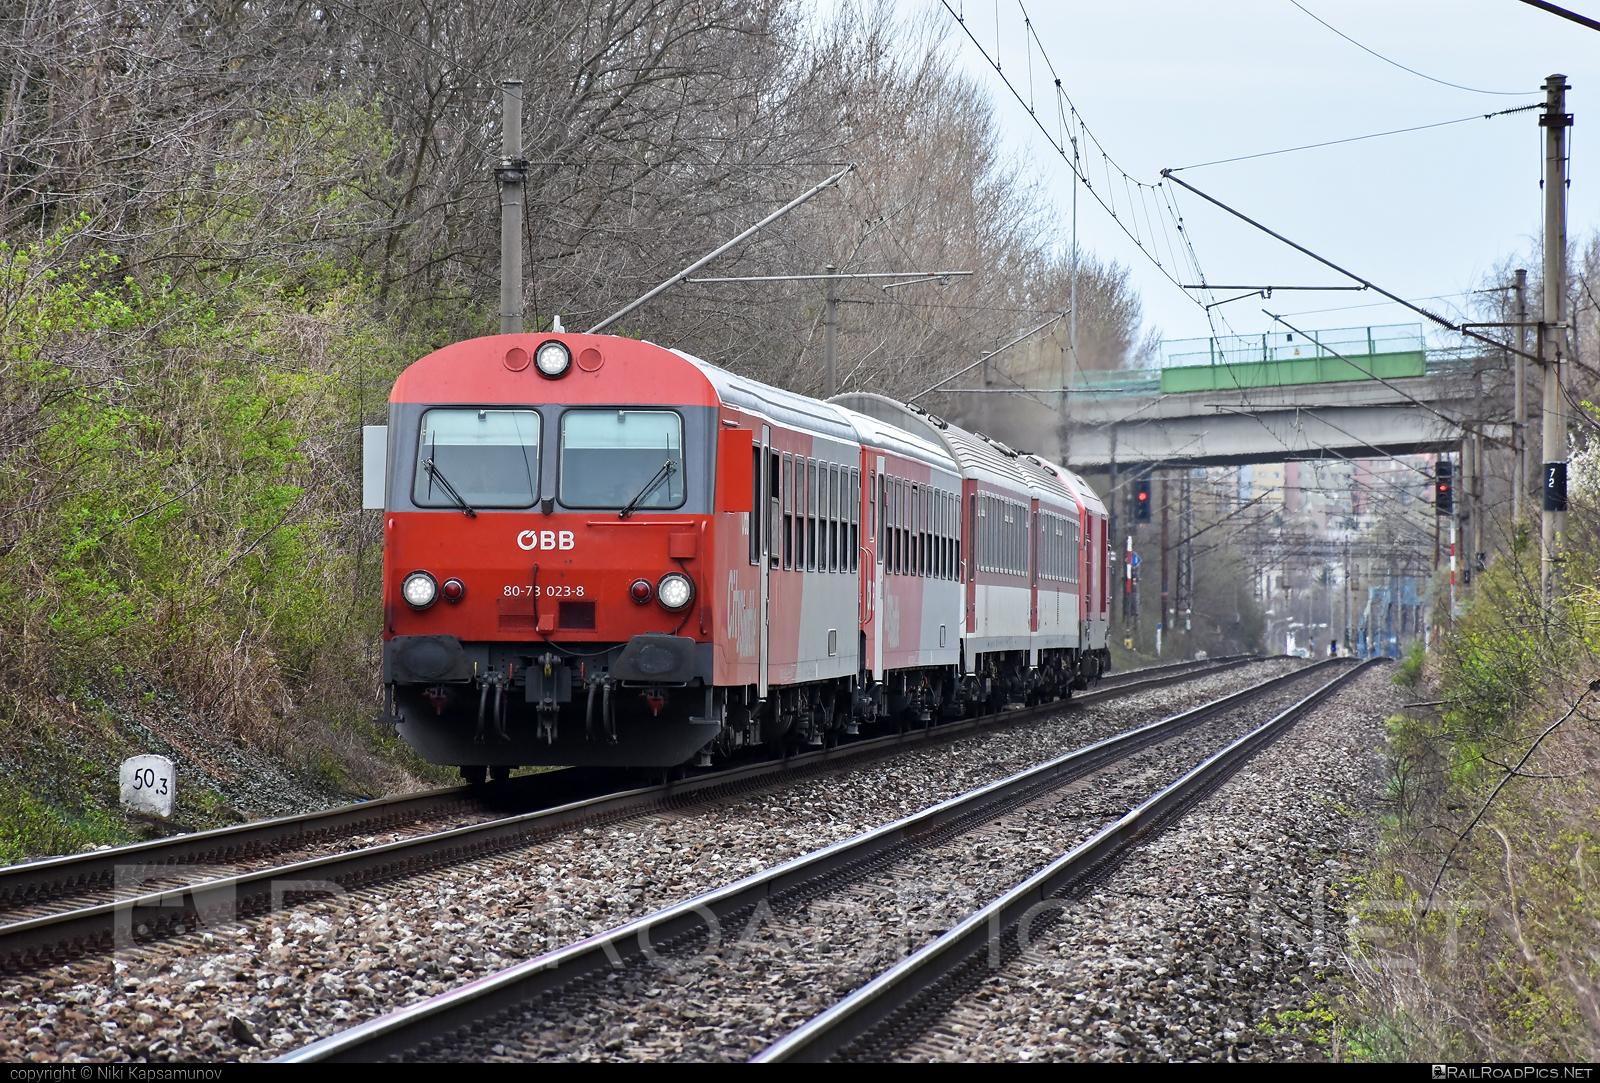 Class B - Bmpz-s - ÖBB CityShuttle control car - ÖBB CityShuttle control car - 80-73 023-8 operated by Österreichische Bundesbahnen #cityshuttle #obb #osterreichischebundesbahnen